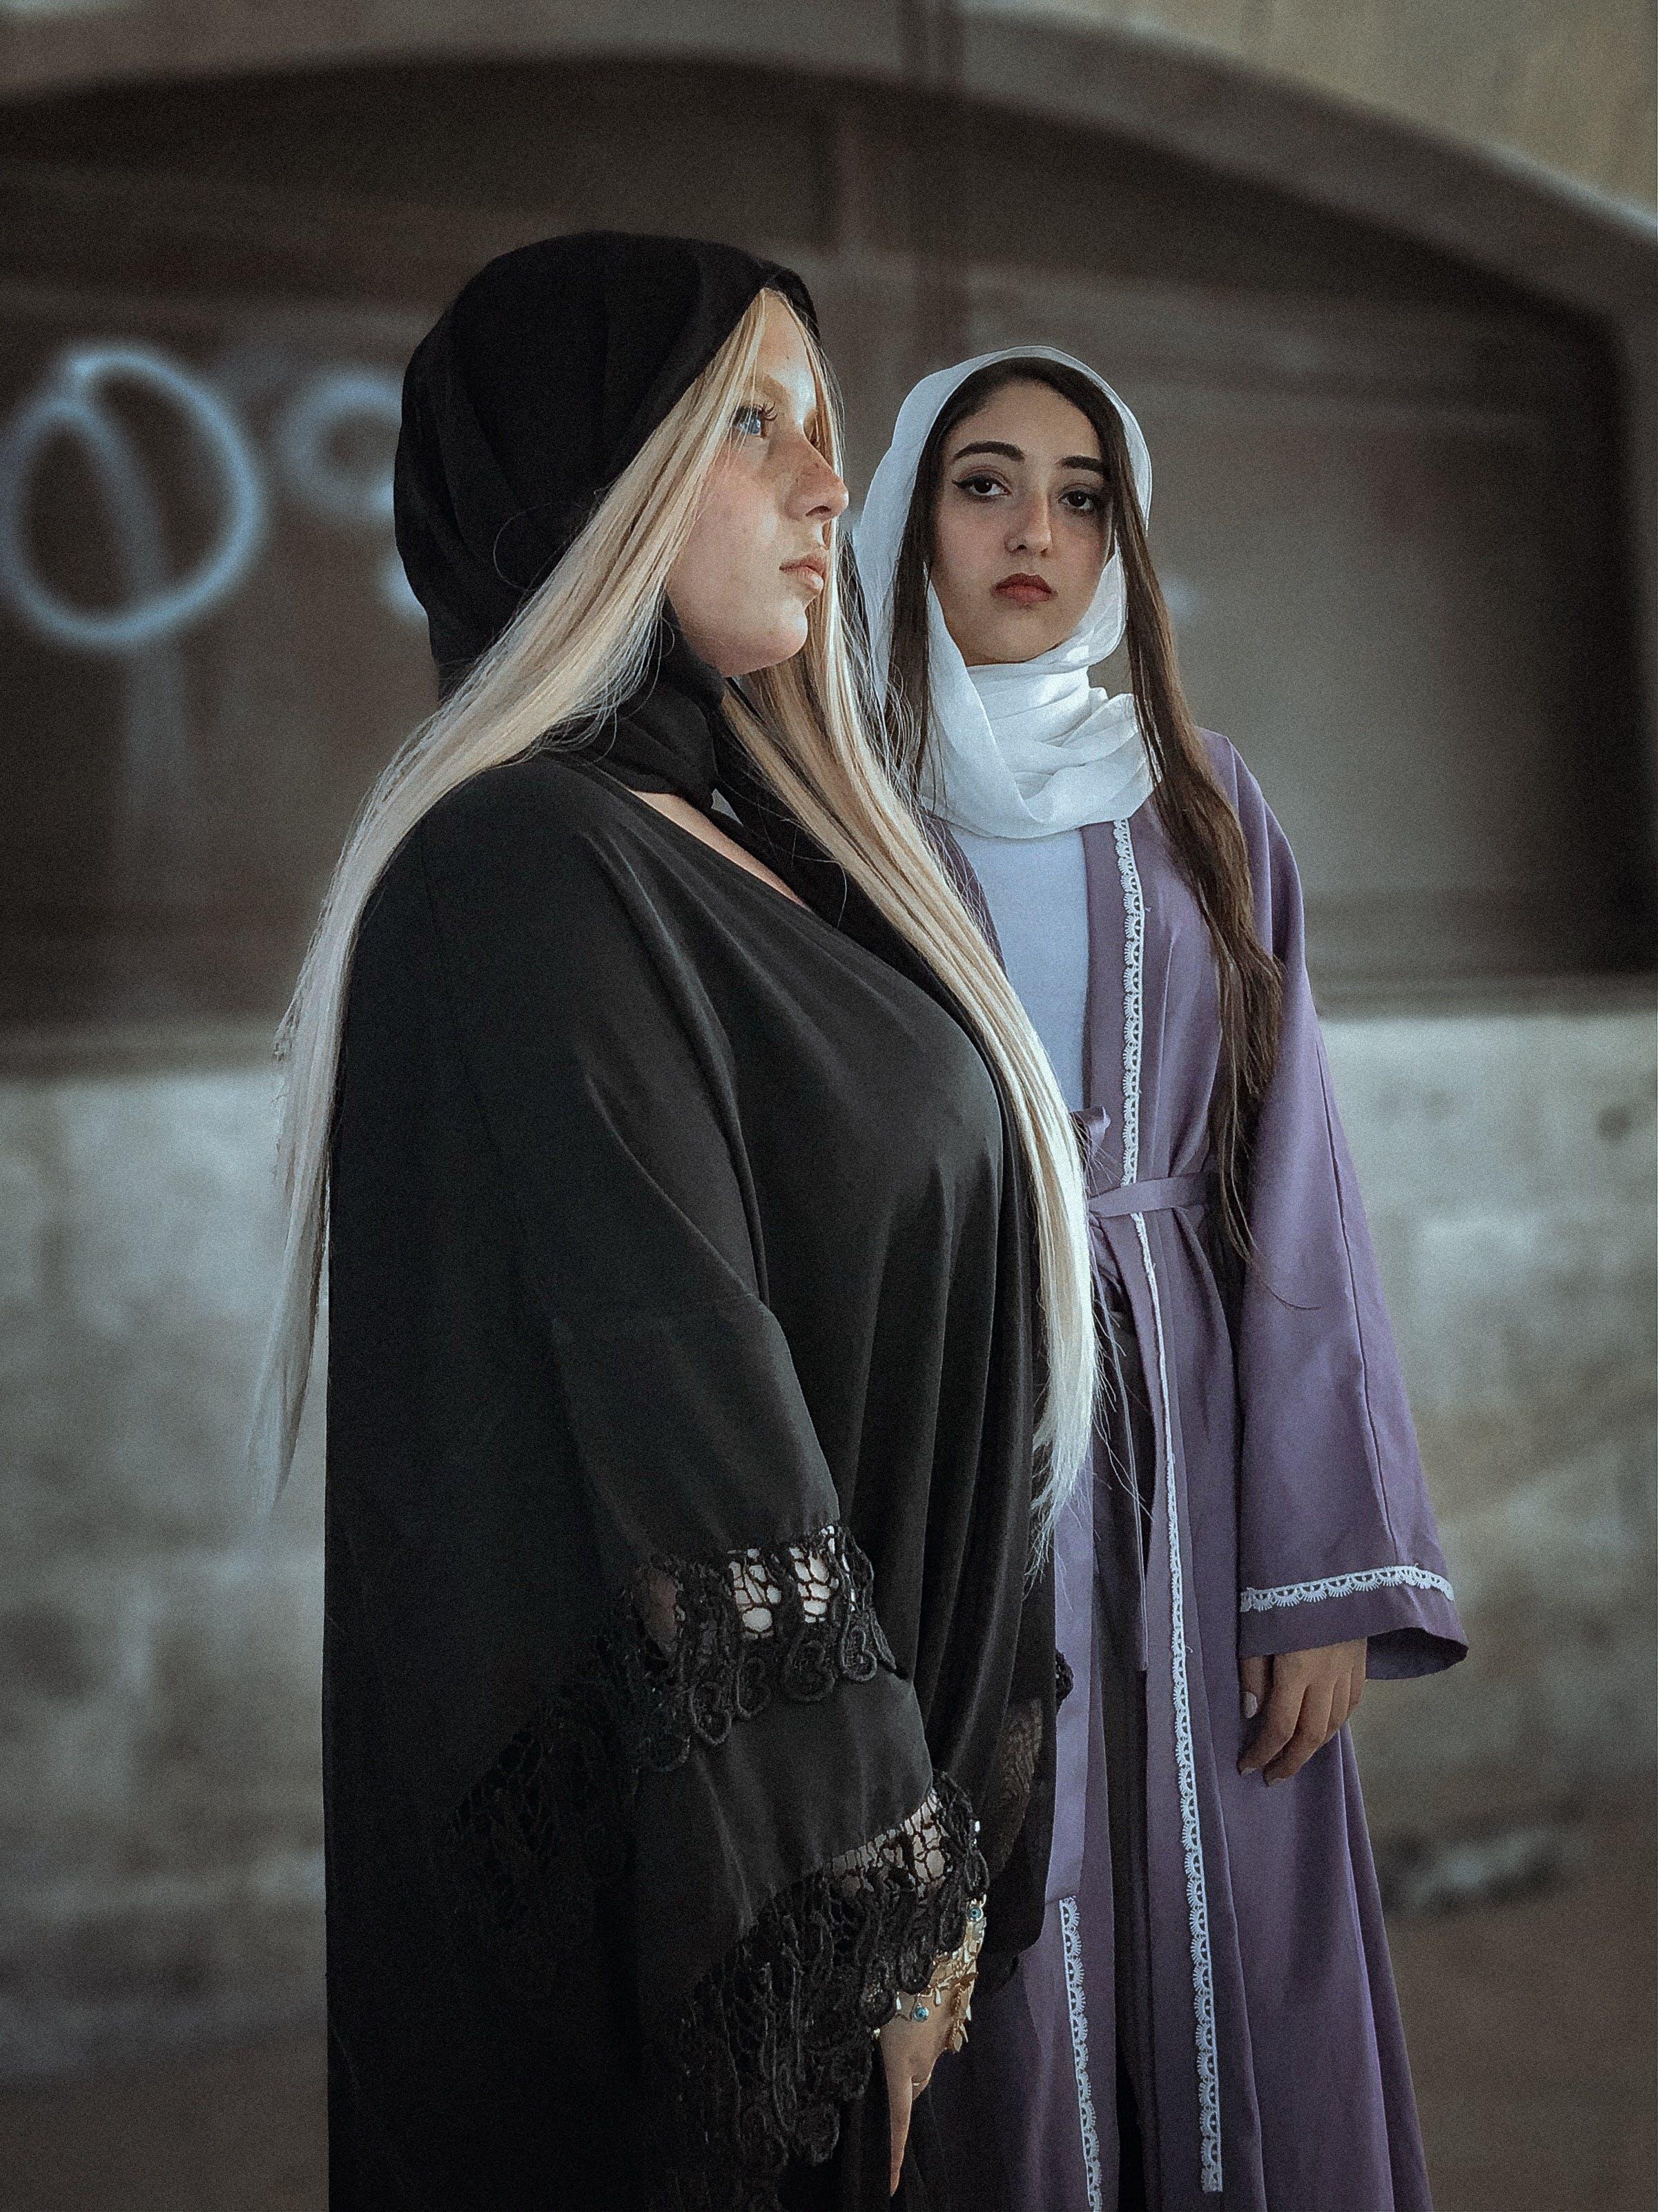 Kostnadsfri bild av ha på sig, hijab, kvinnor, människor